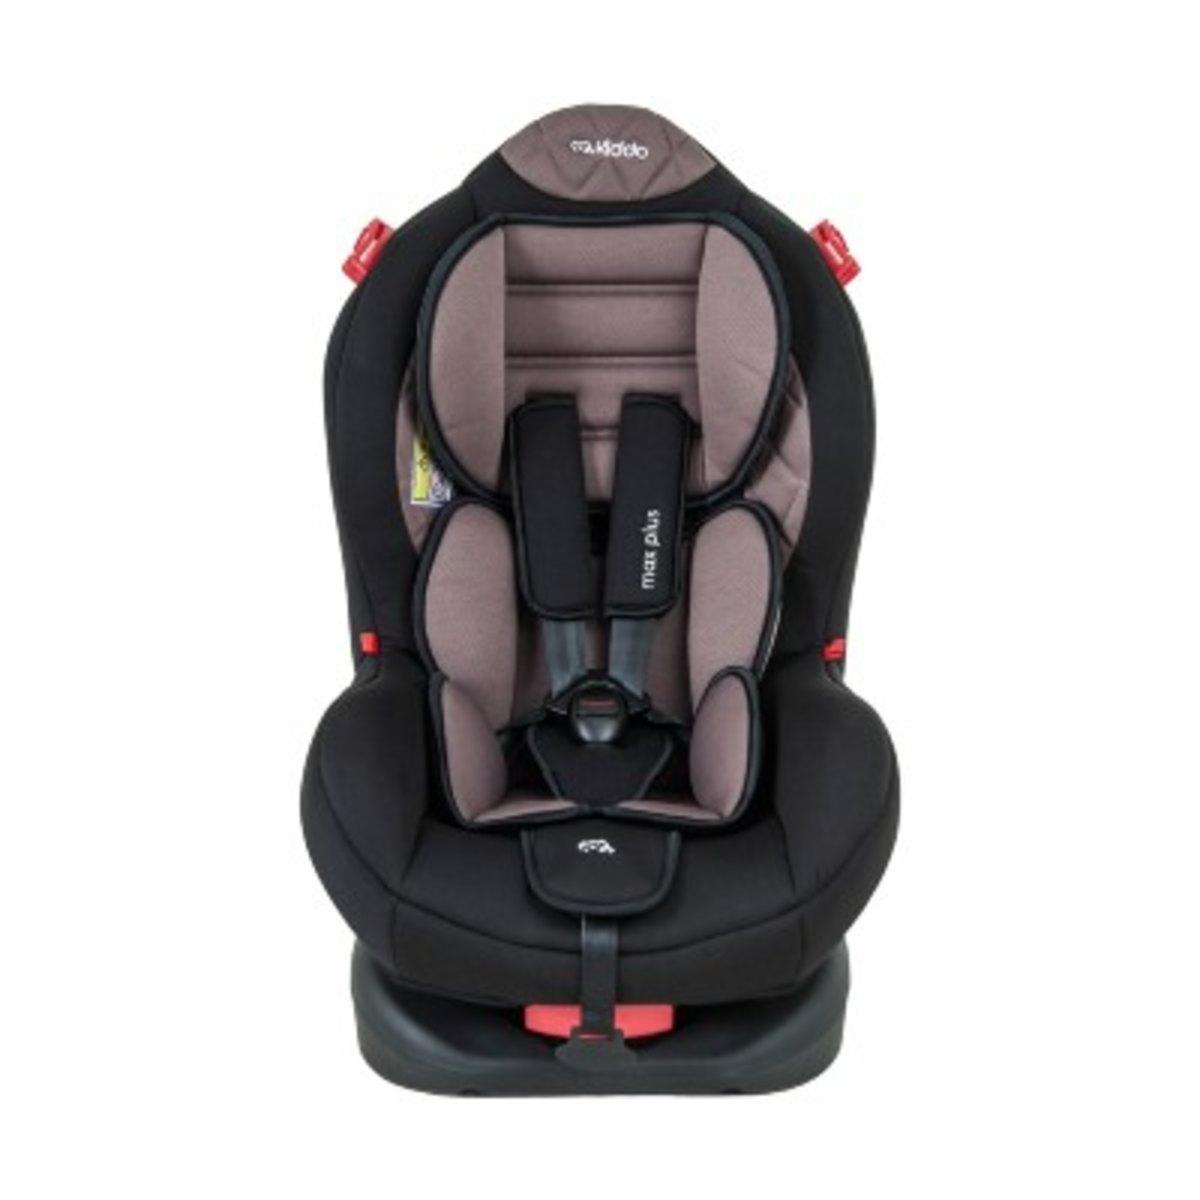 Imagem de Cadeirinha Para Auto Kiddo Max Plus 0 a 25 kg